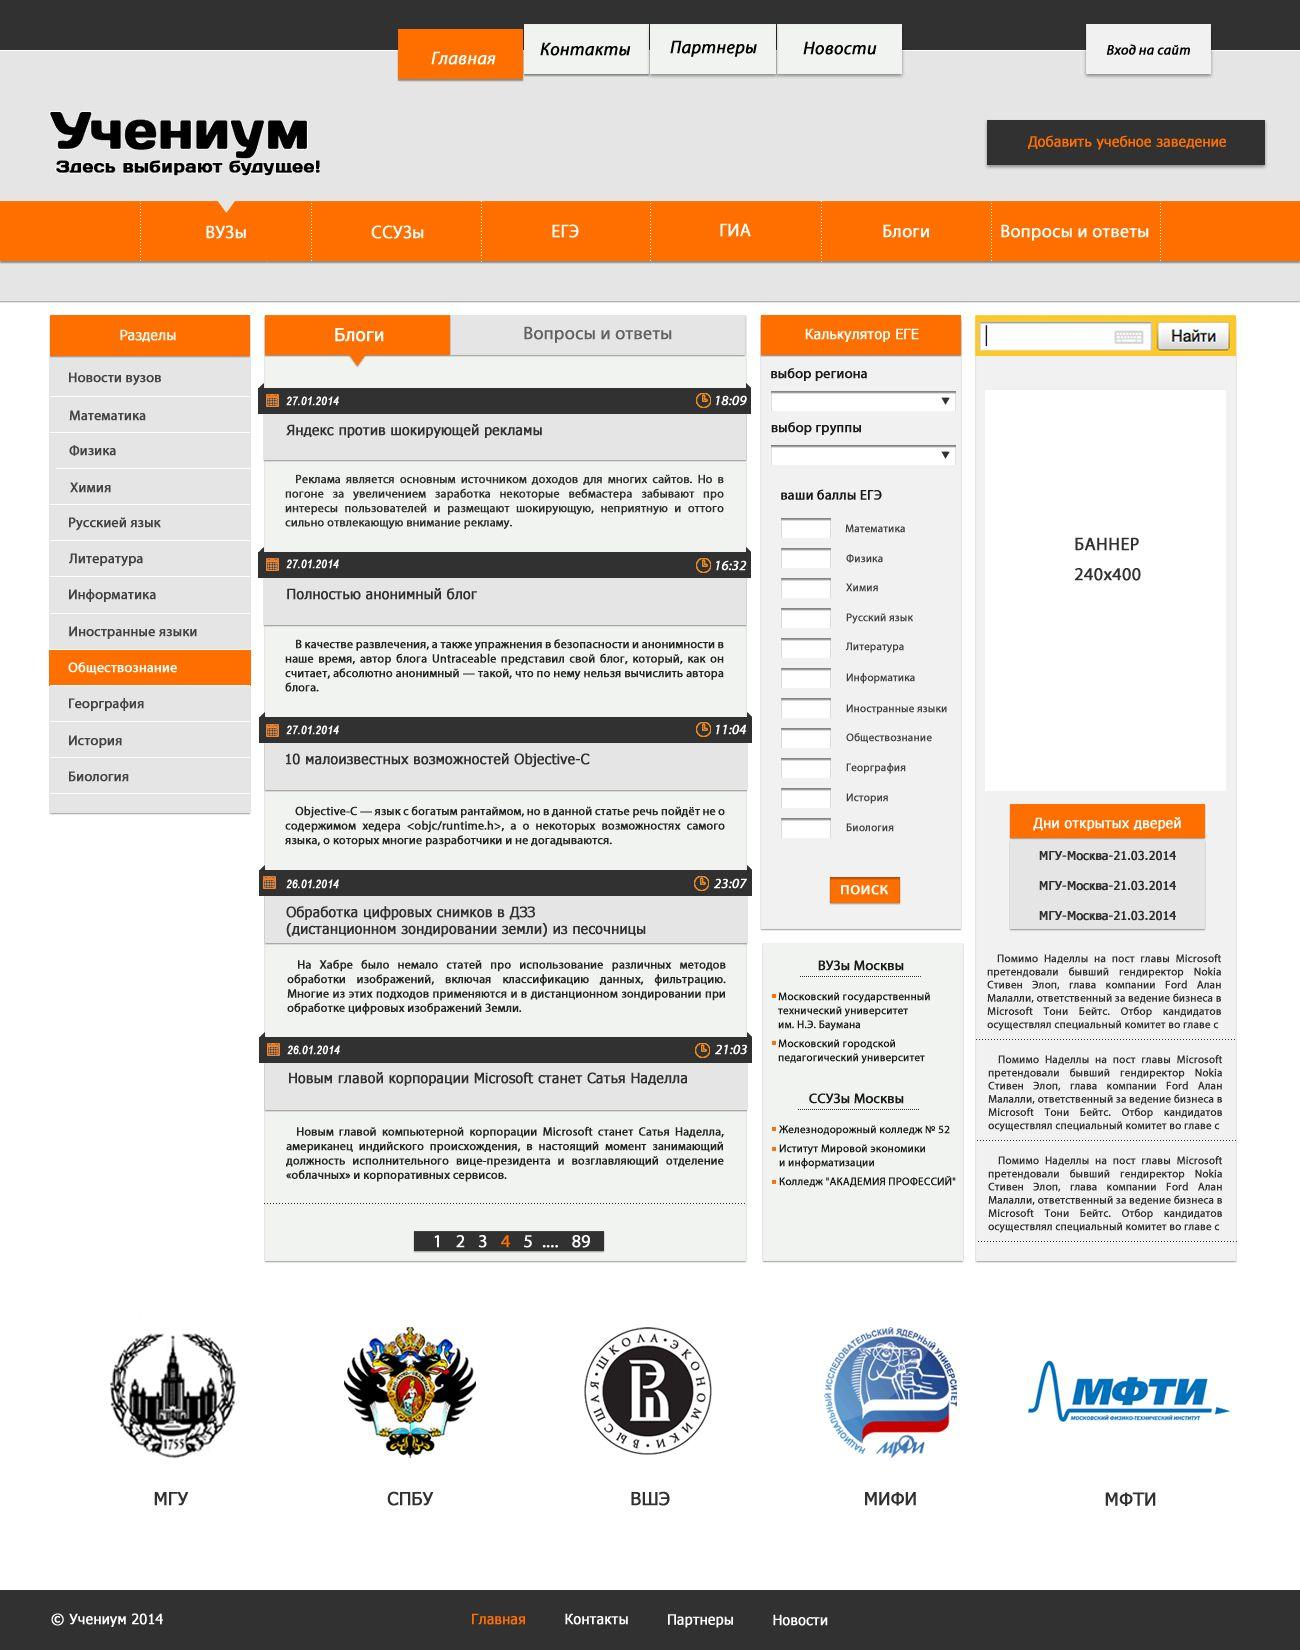 Дизайн для информационного сайта - дизайнер Cliffaka